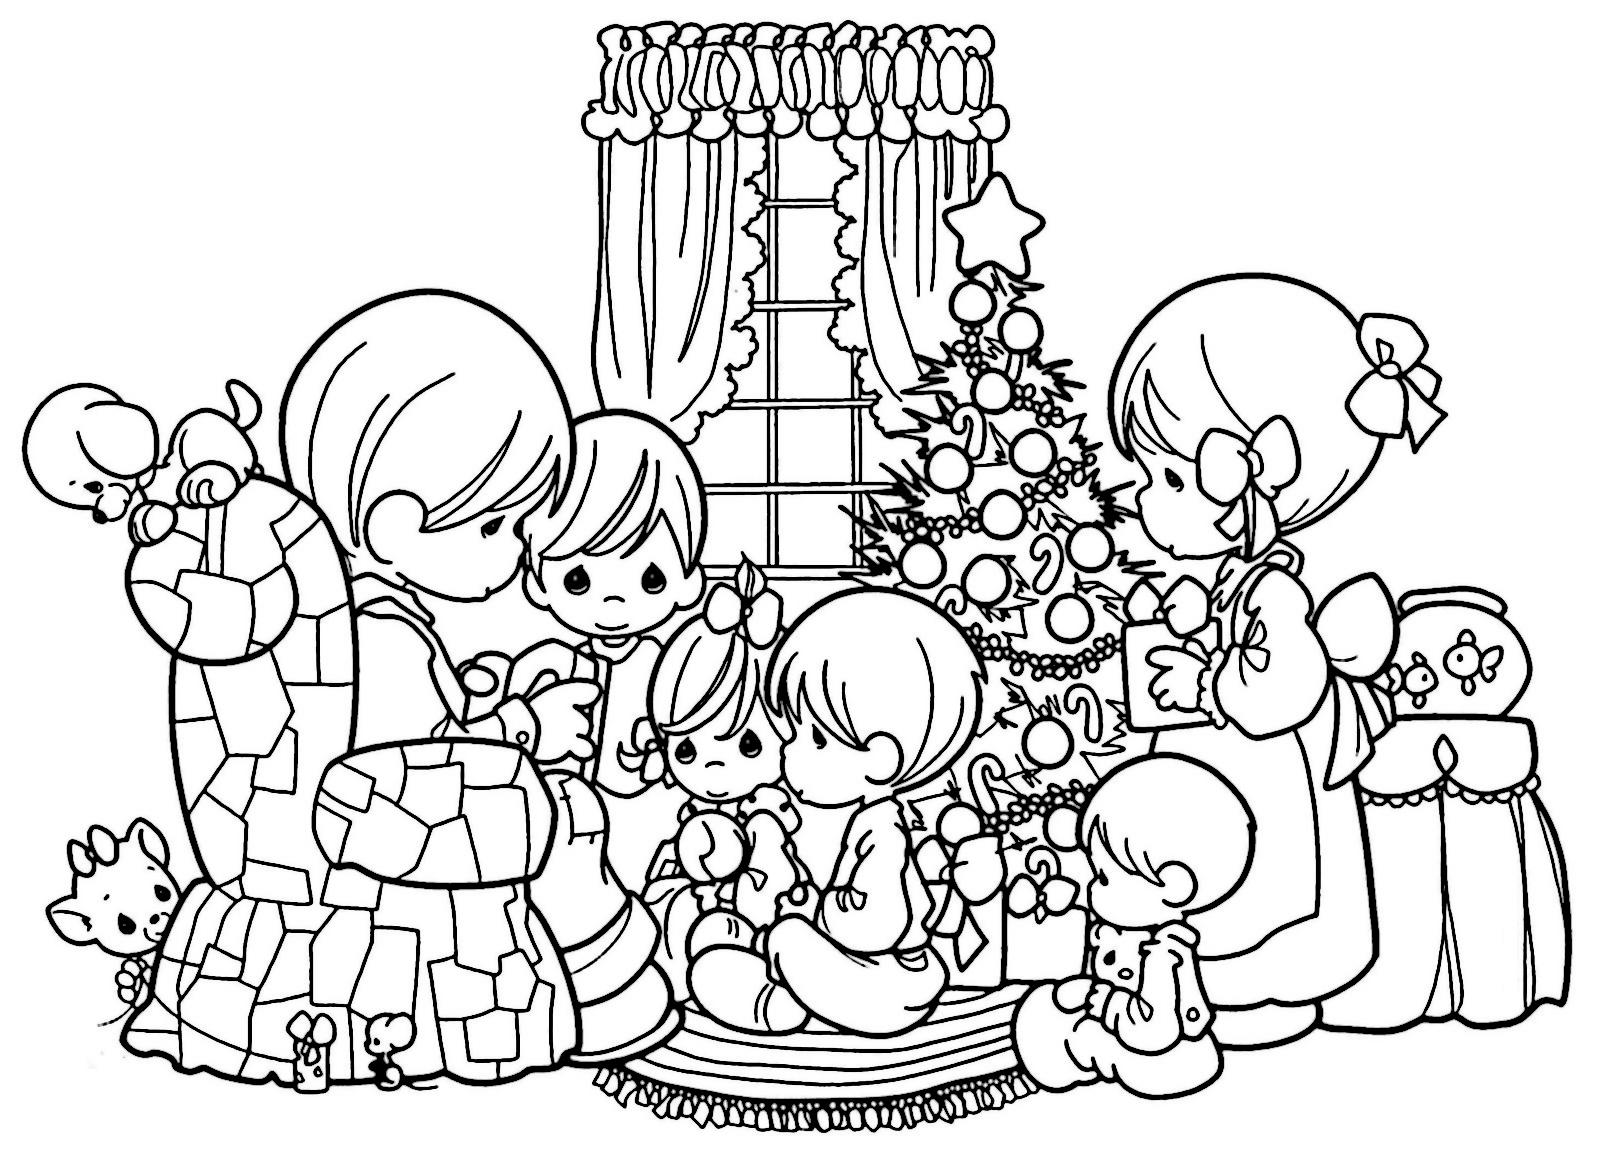 Imagenes Para Colorear De Niña: Dibujos De Navidad Para Colorear, Imágenes Navidad Para